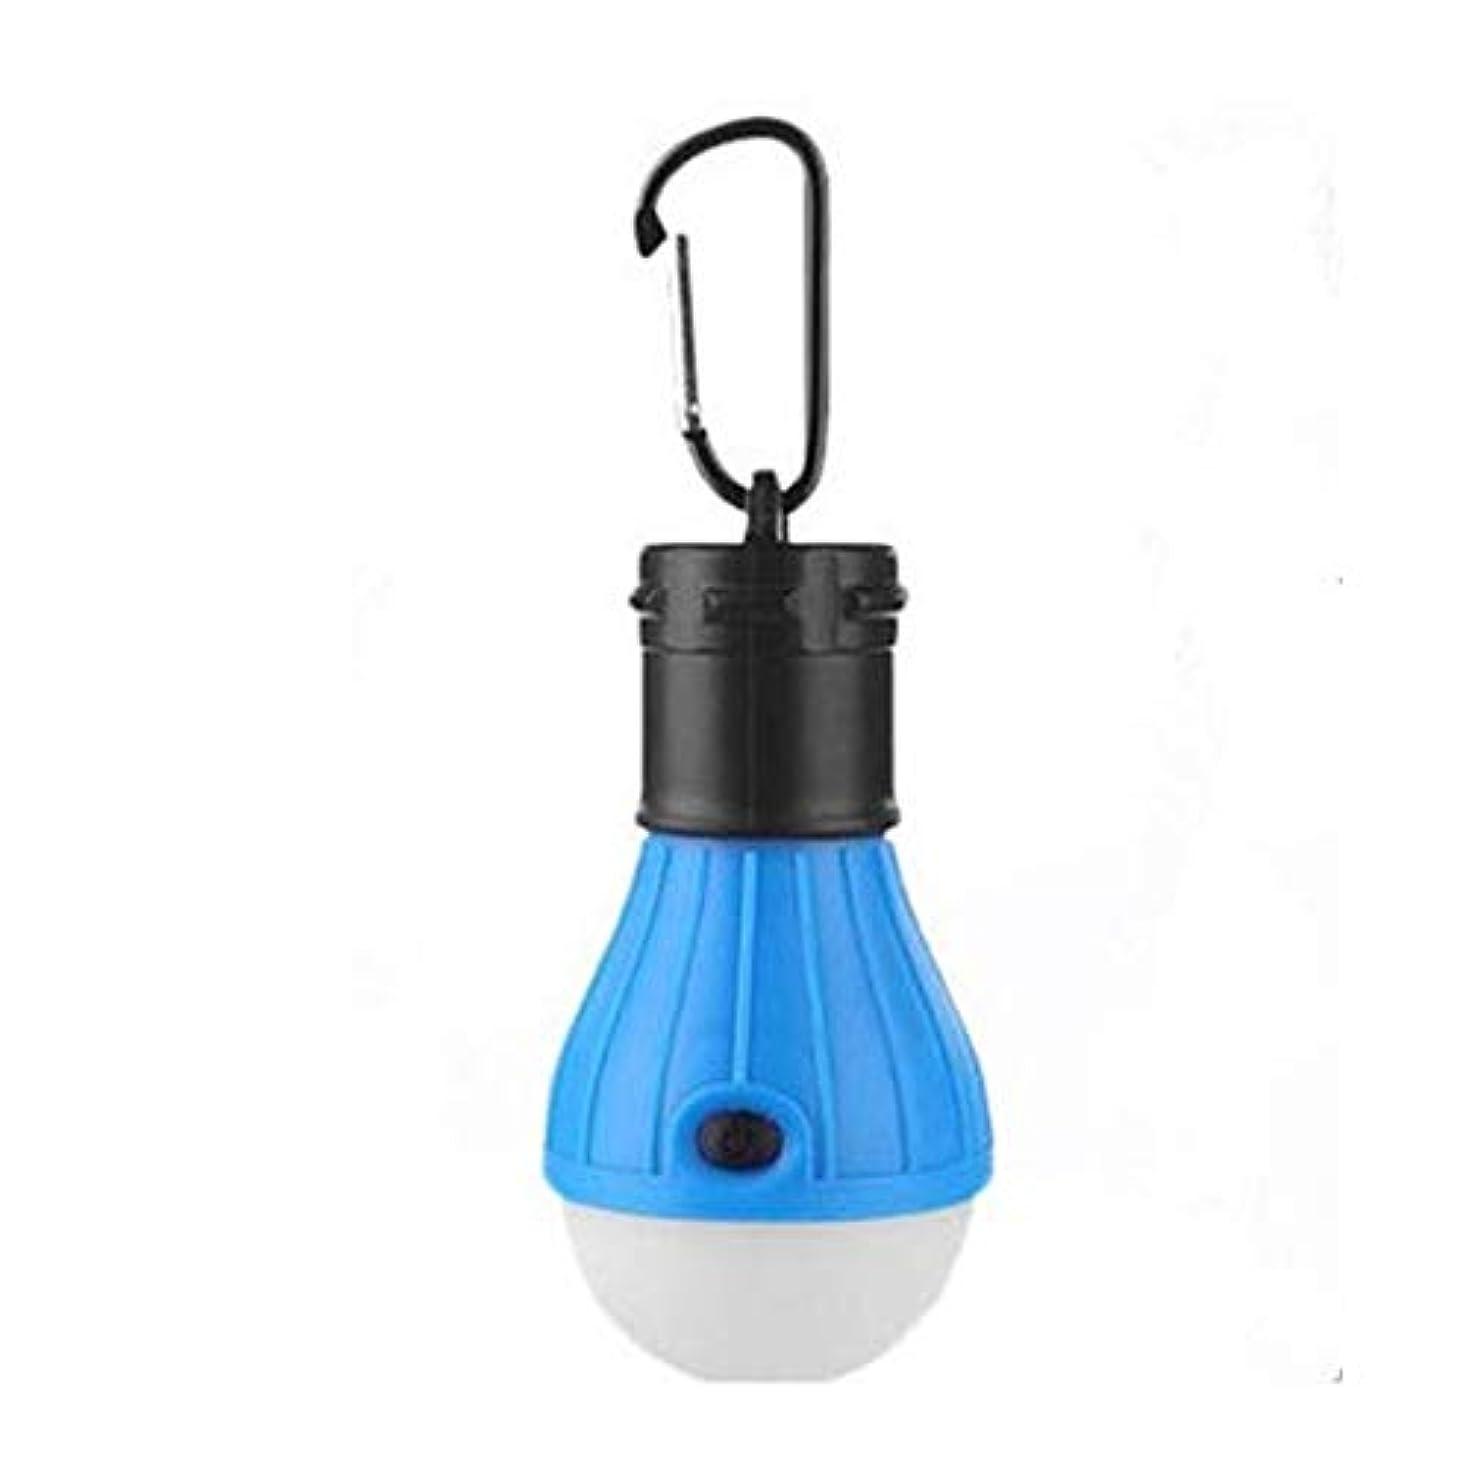 傀儡炭素不十分なLEDランタン アウトドア用 携帯式 電球 小型 軽量 明るい 携帯型 ポータブル テントライト 防水仕様 防災対策 登山 夜釣り ハイキング アウトドア キャンプ用